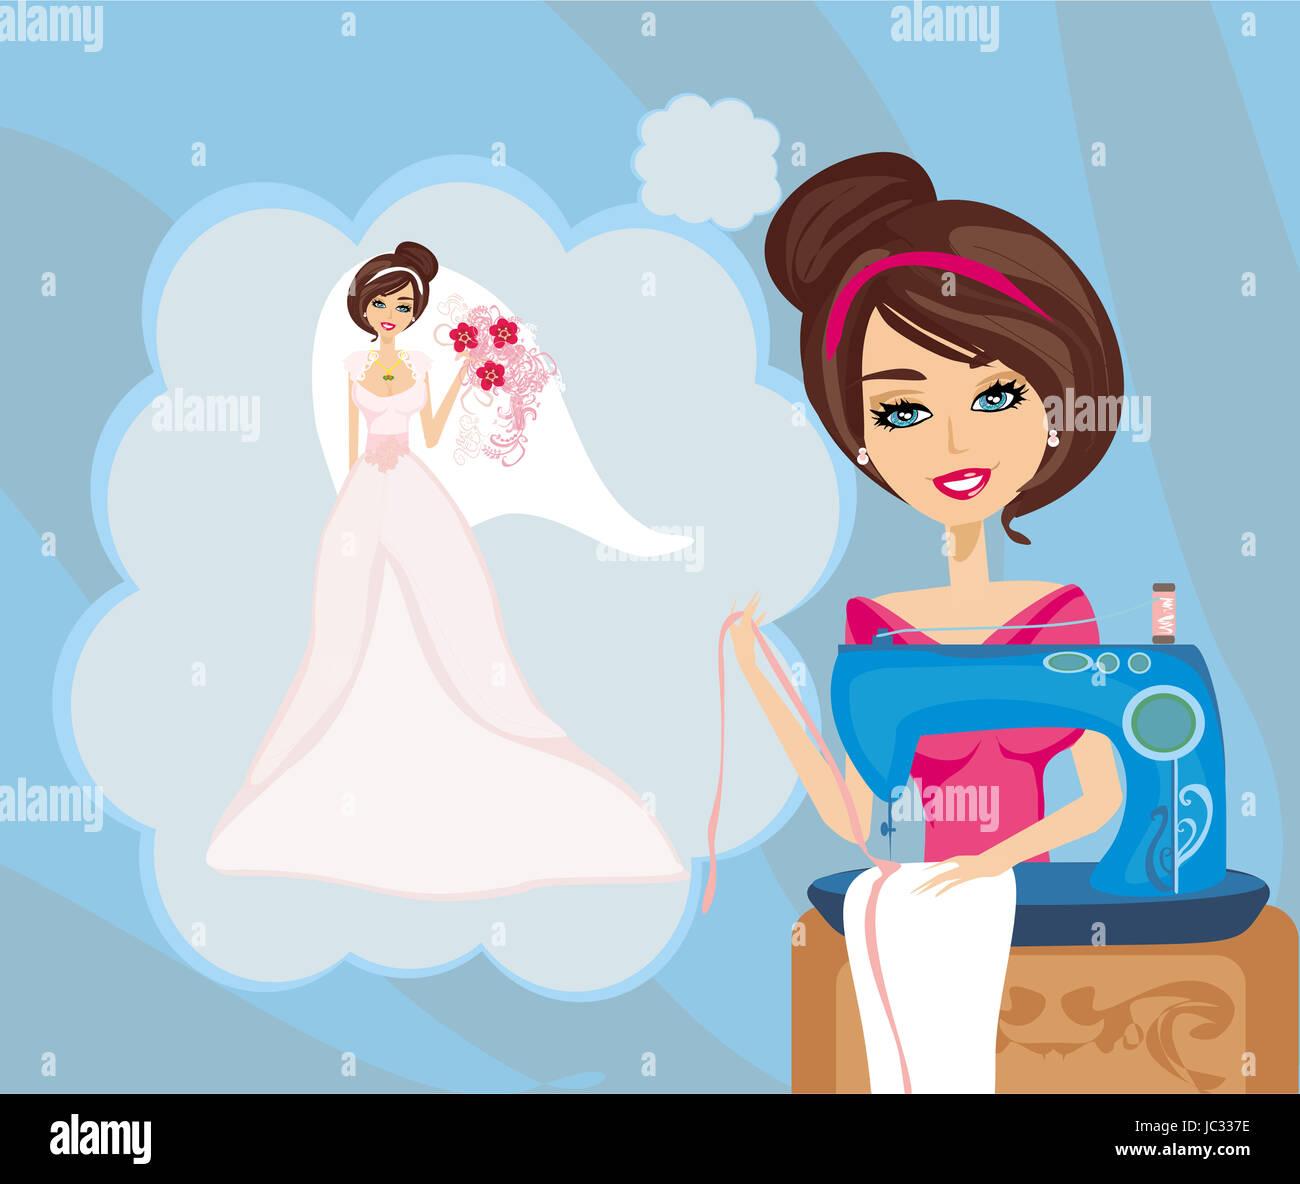 Madchen Mit Nahmaschine Traumt Von Einer Schonen Hochzeitskleid